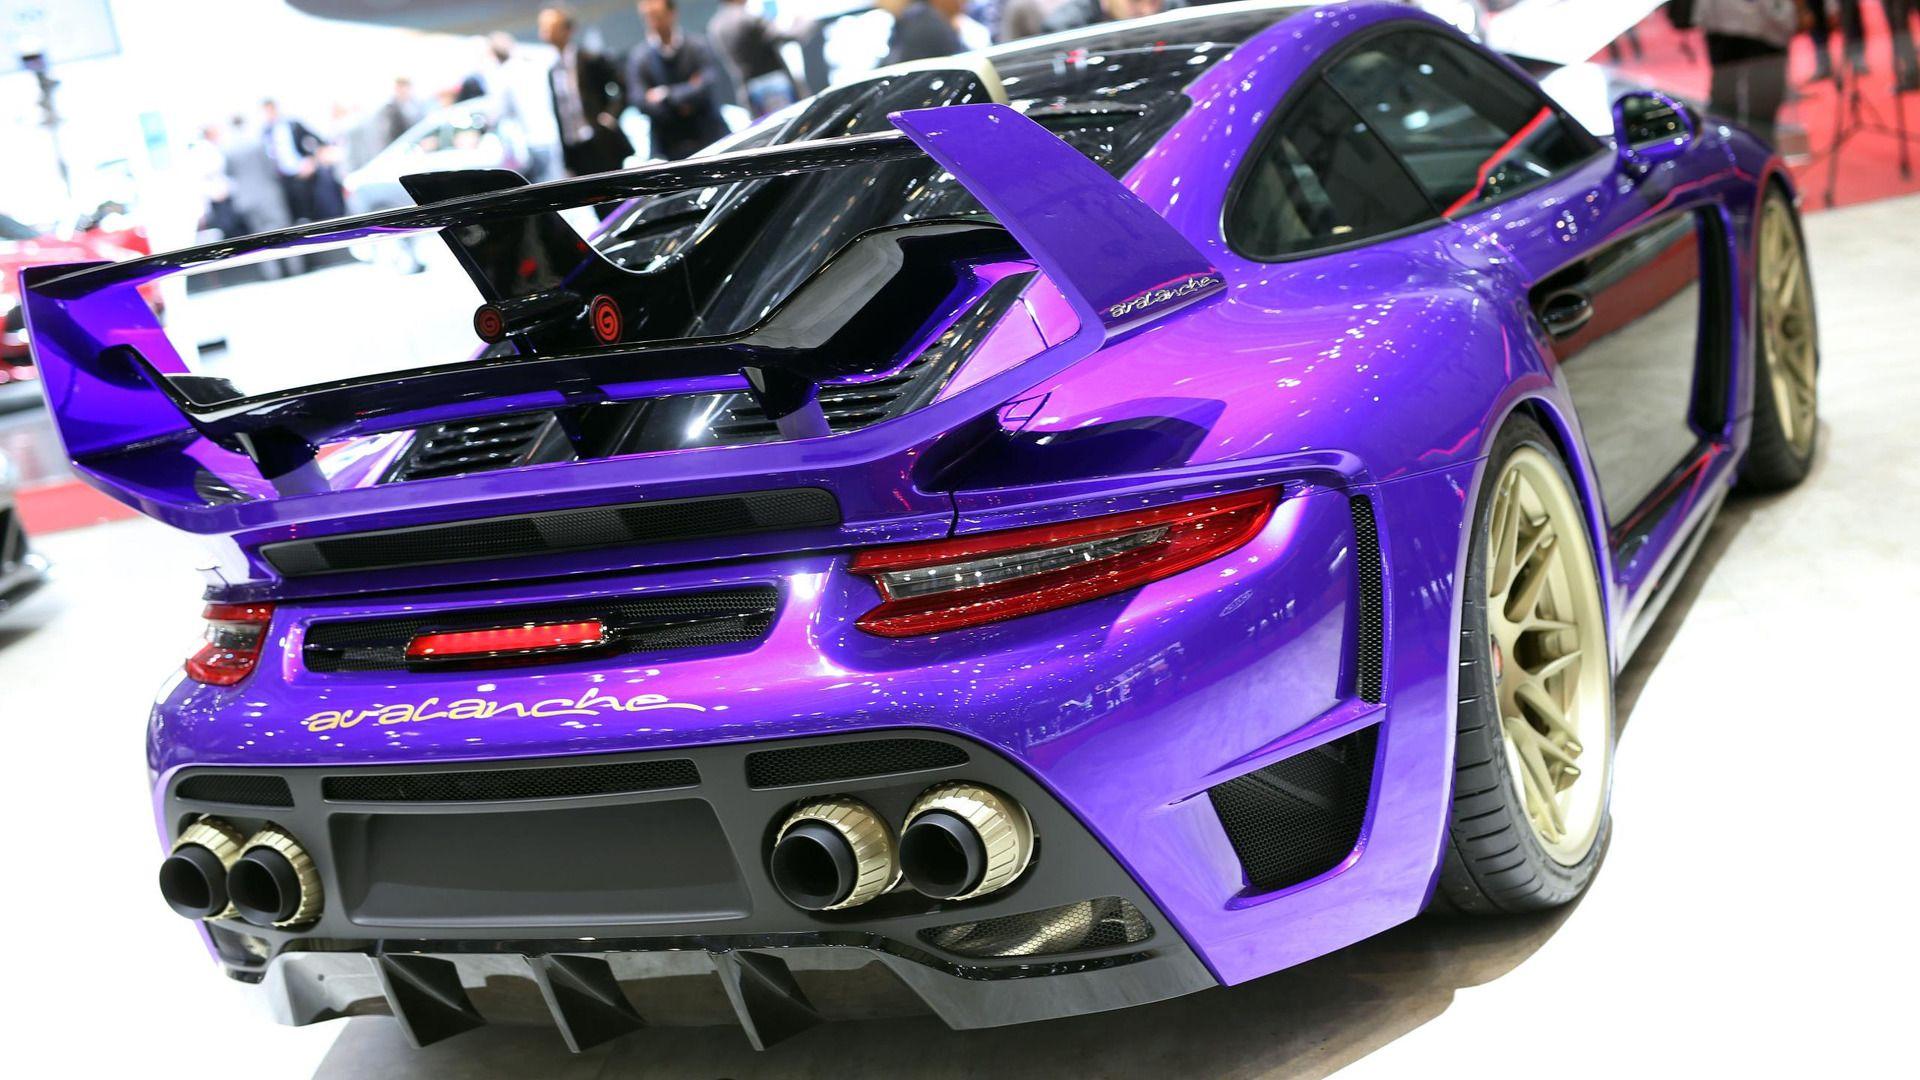 2017 Gemballa Avalanche Motor1 Com Photos In 2020 Car Wheels Porsche Car